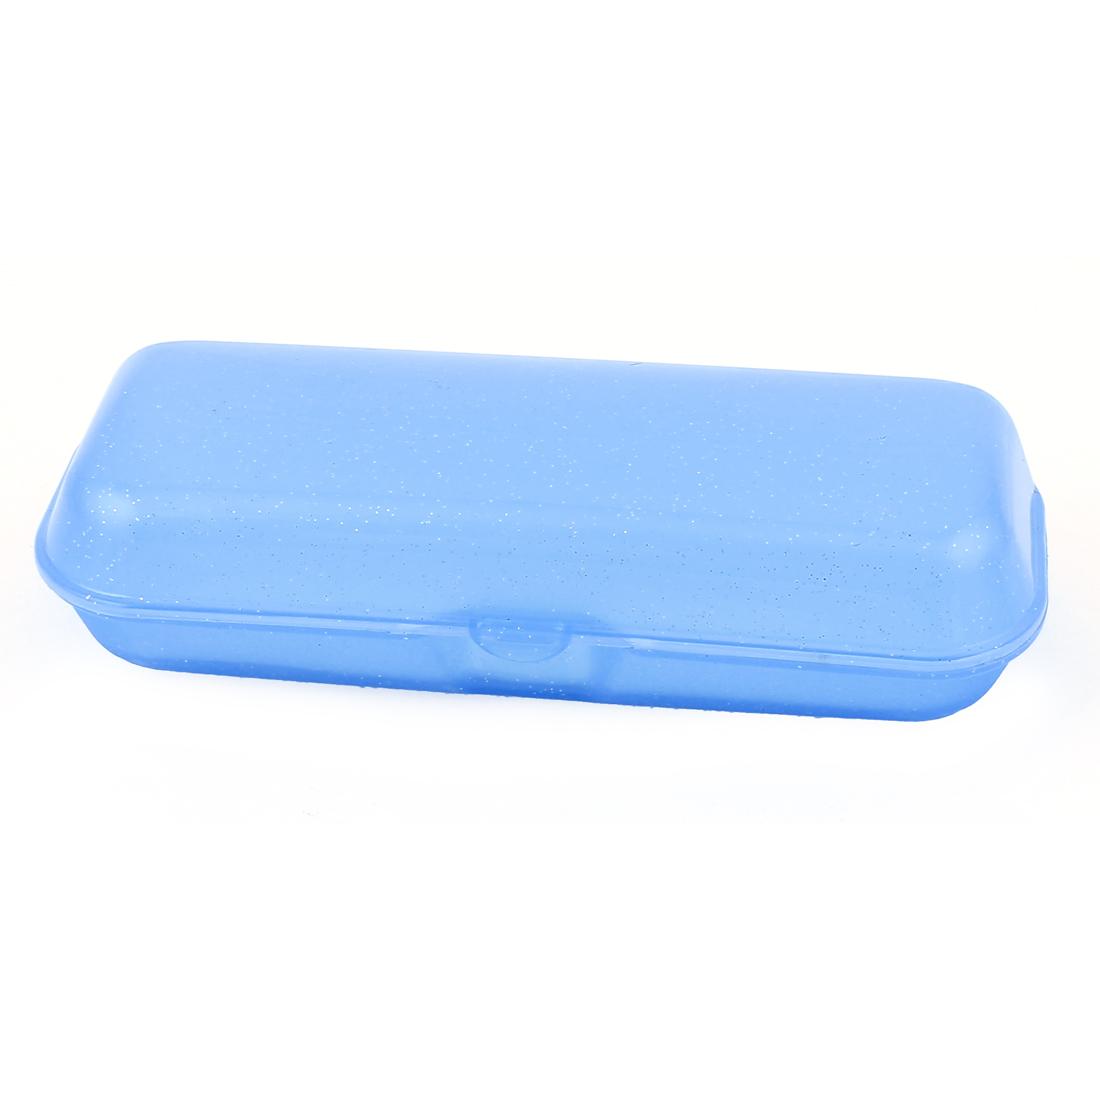 Plastic Glitter Dot Design Eyeglass Pouch Eyewear Case Light Blue